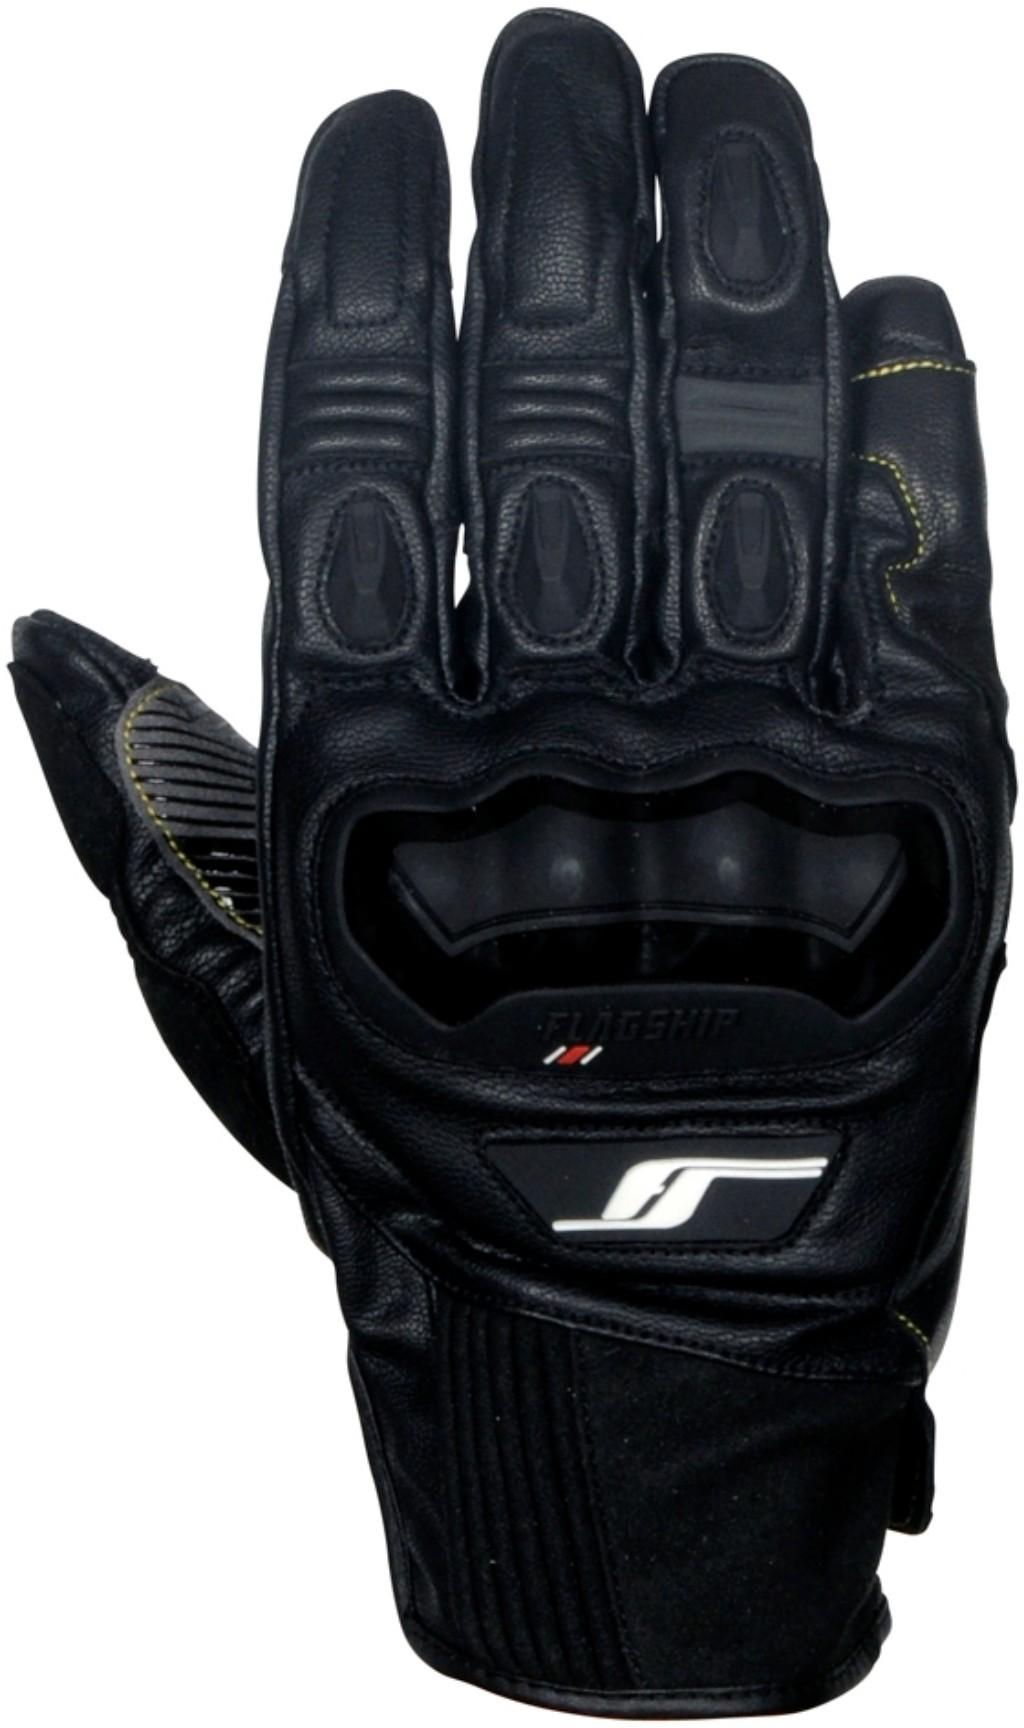 FLAGSHIP フラグシップHybrid Leather Glove[ハイブリッドレザーグローブ]